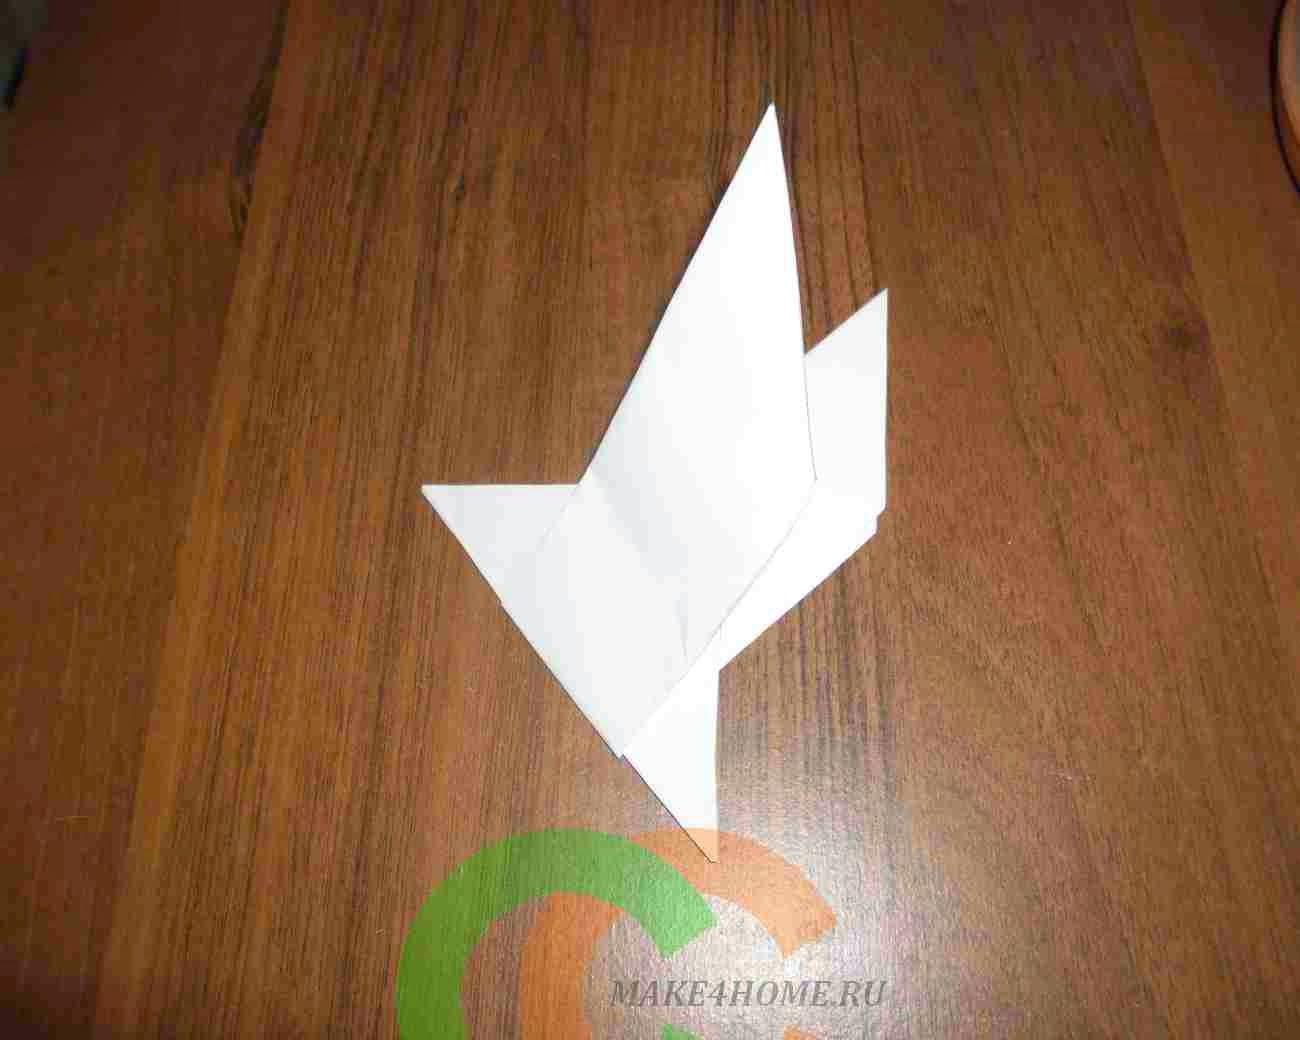 Голубь из бумаги. Делаем с ребенком бумажного голубя. Шаблон 56